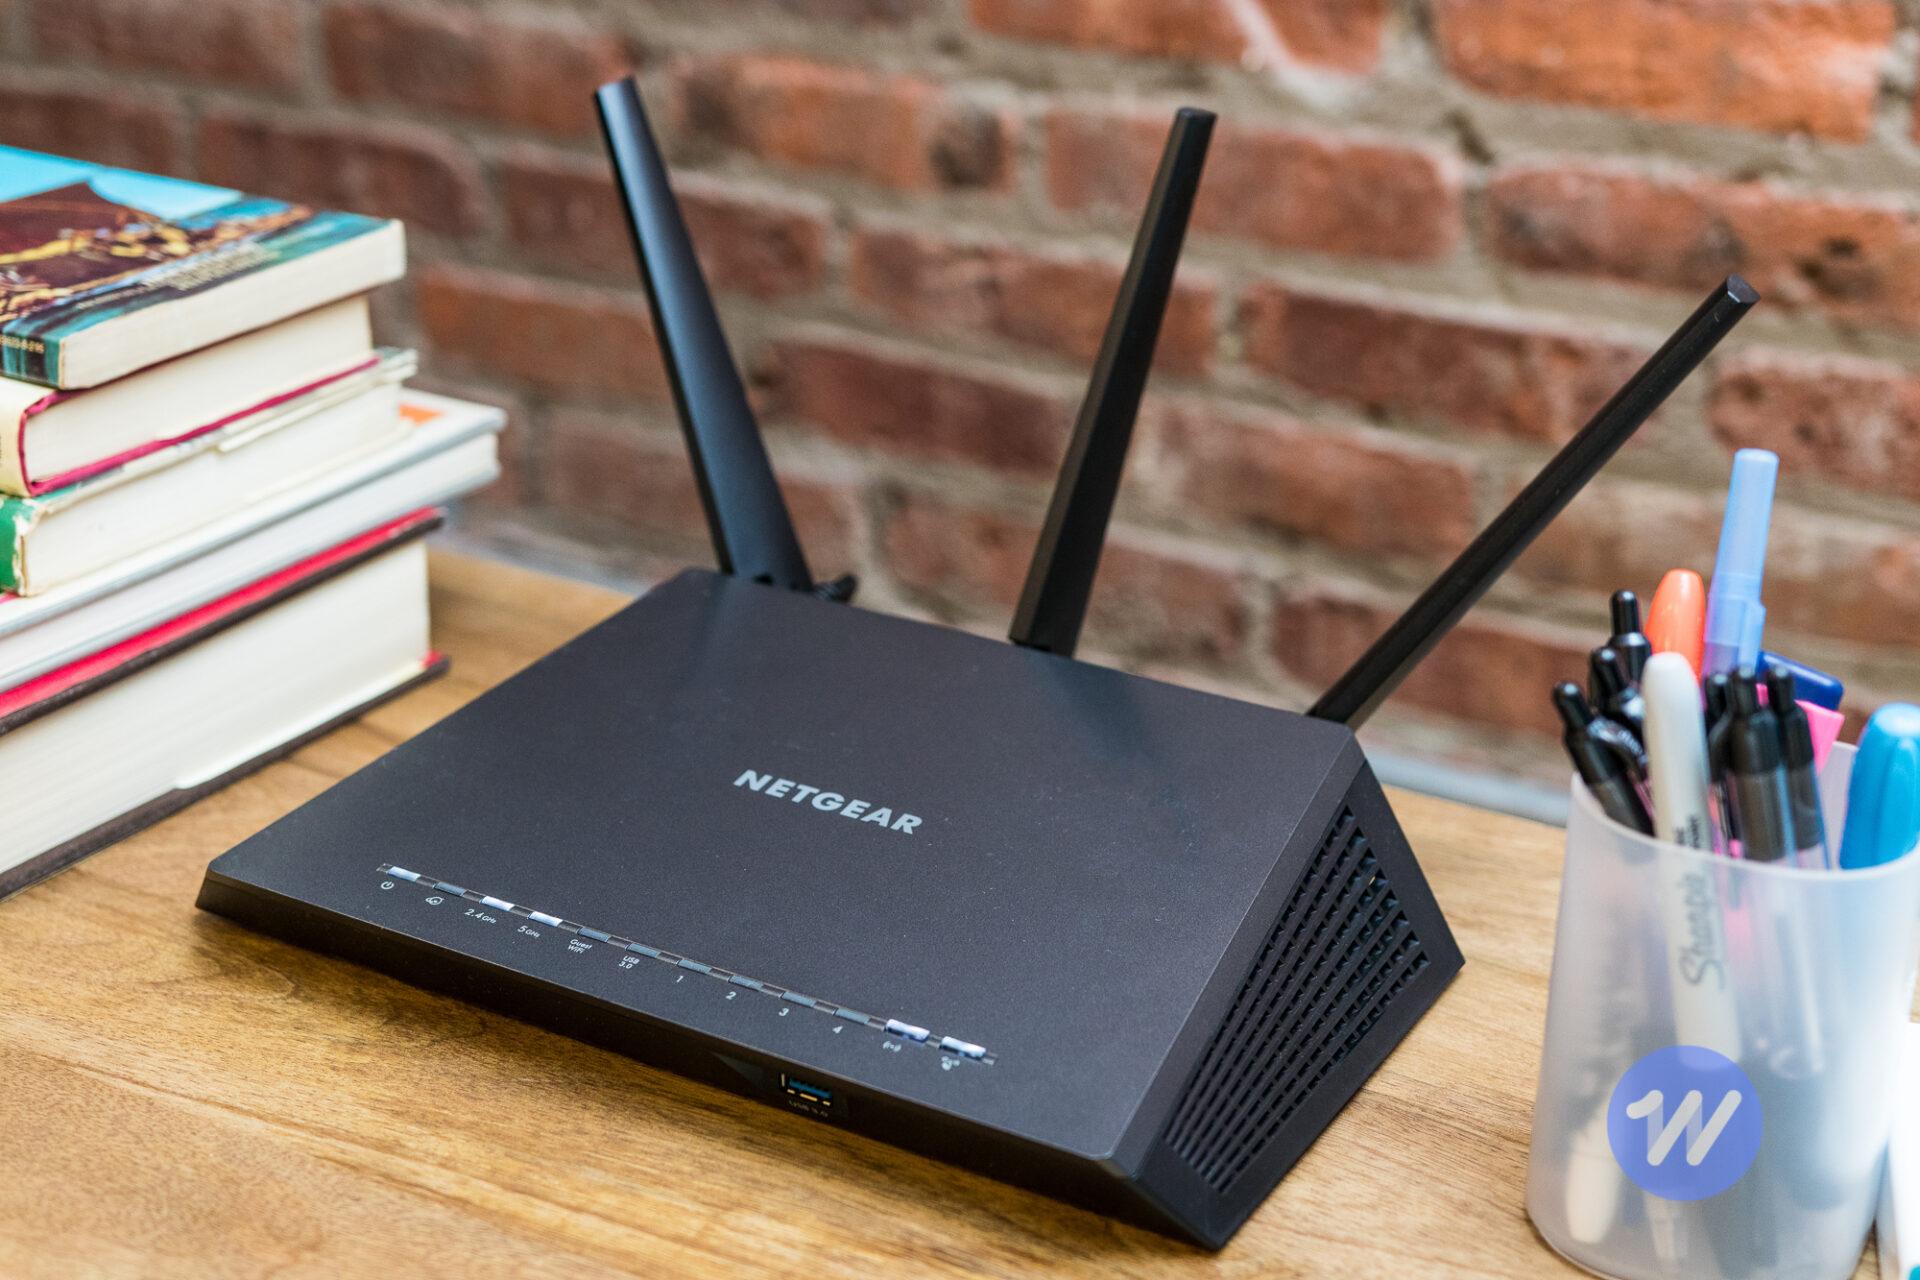 Эксперт Тимофеев: соседи могут помешать работе Wi-Fi при совпадении каналов передачи